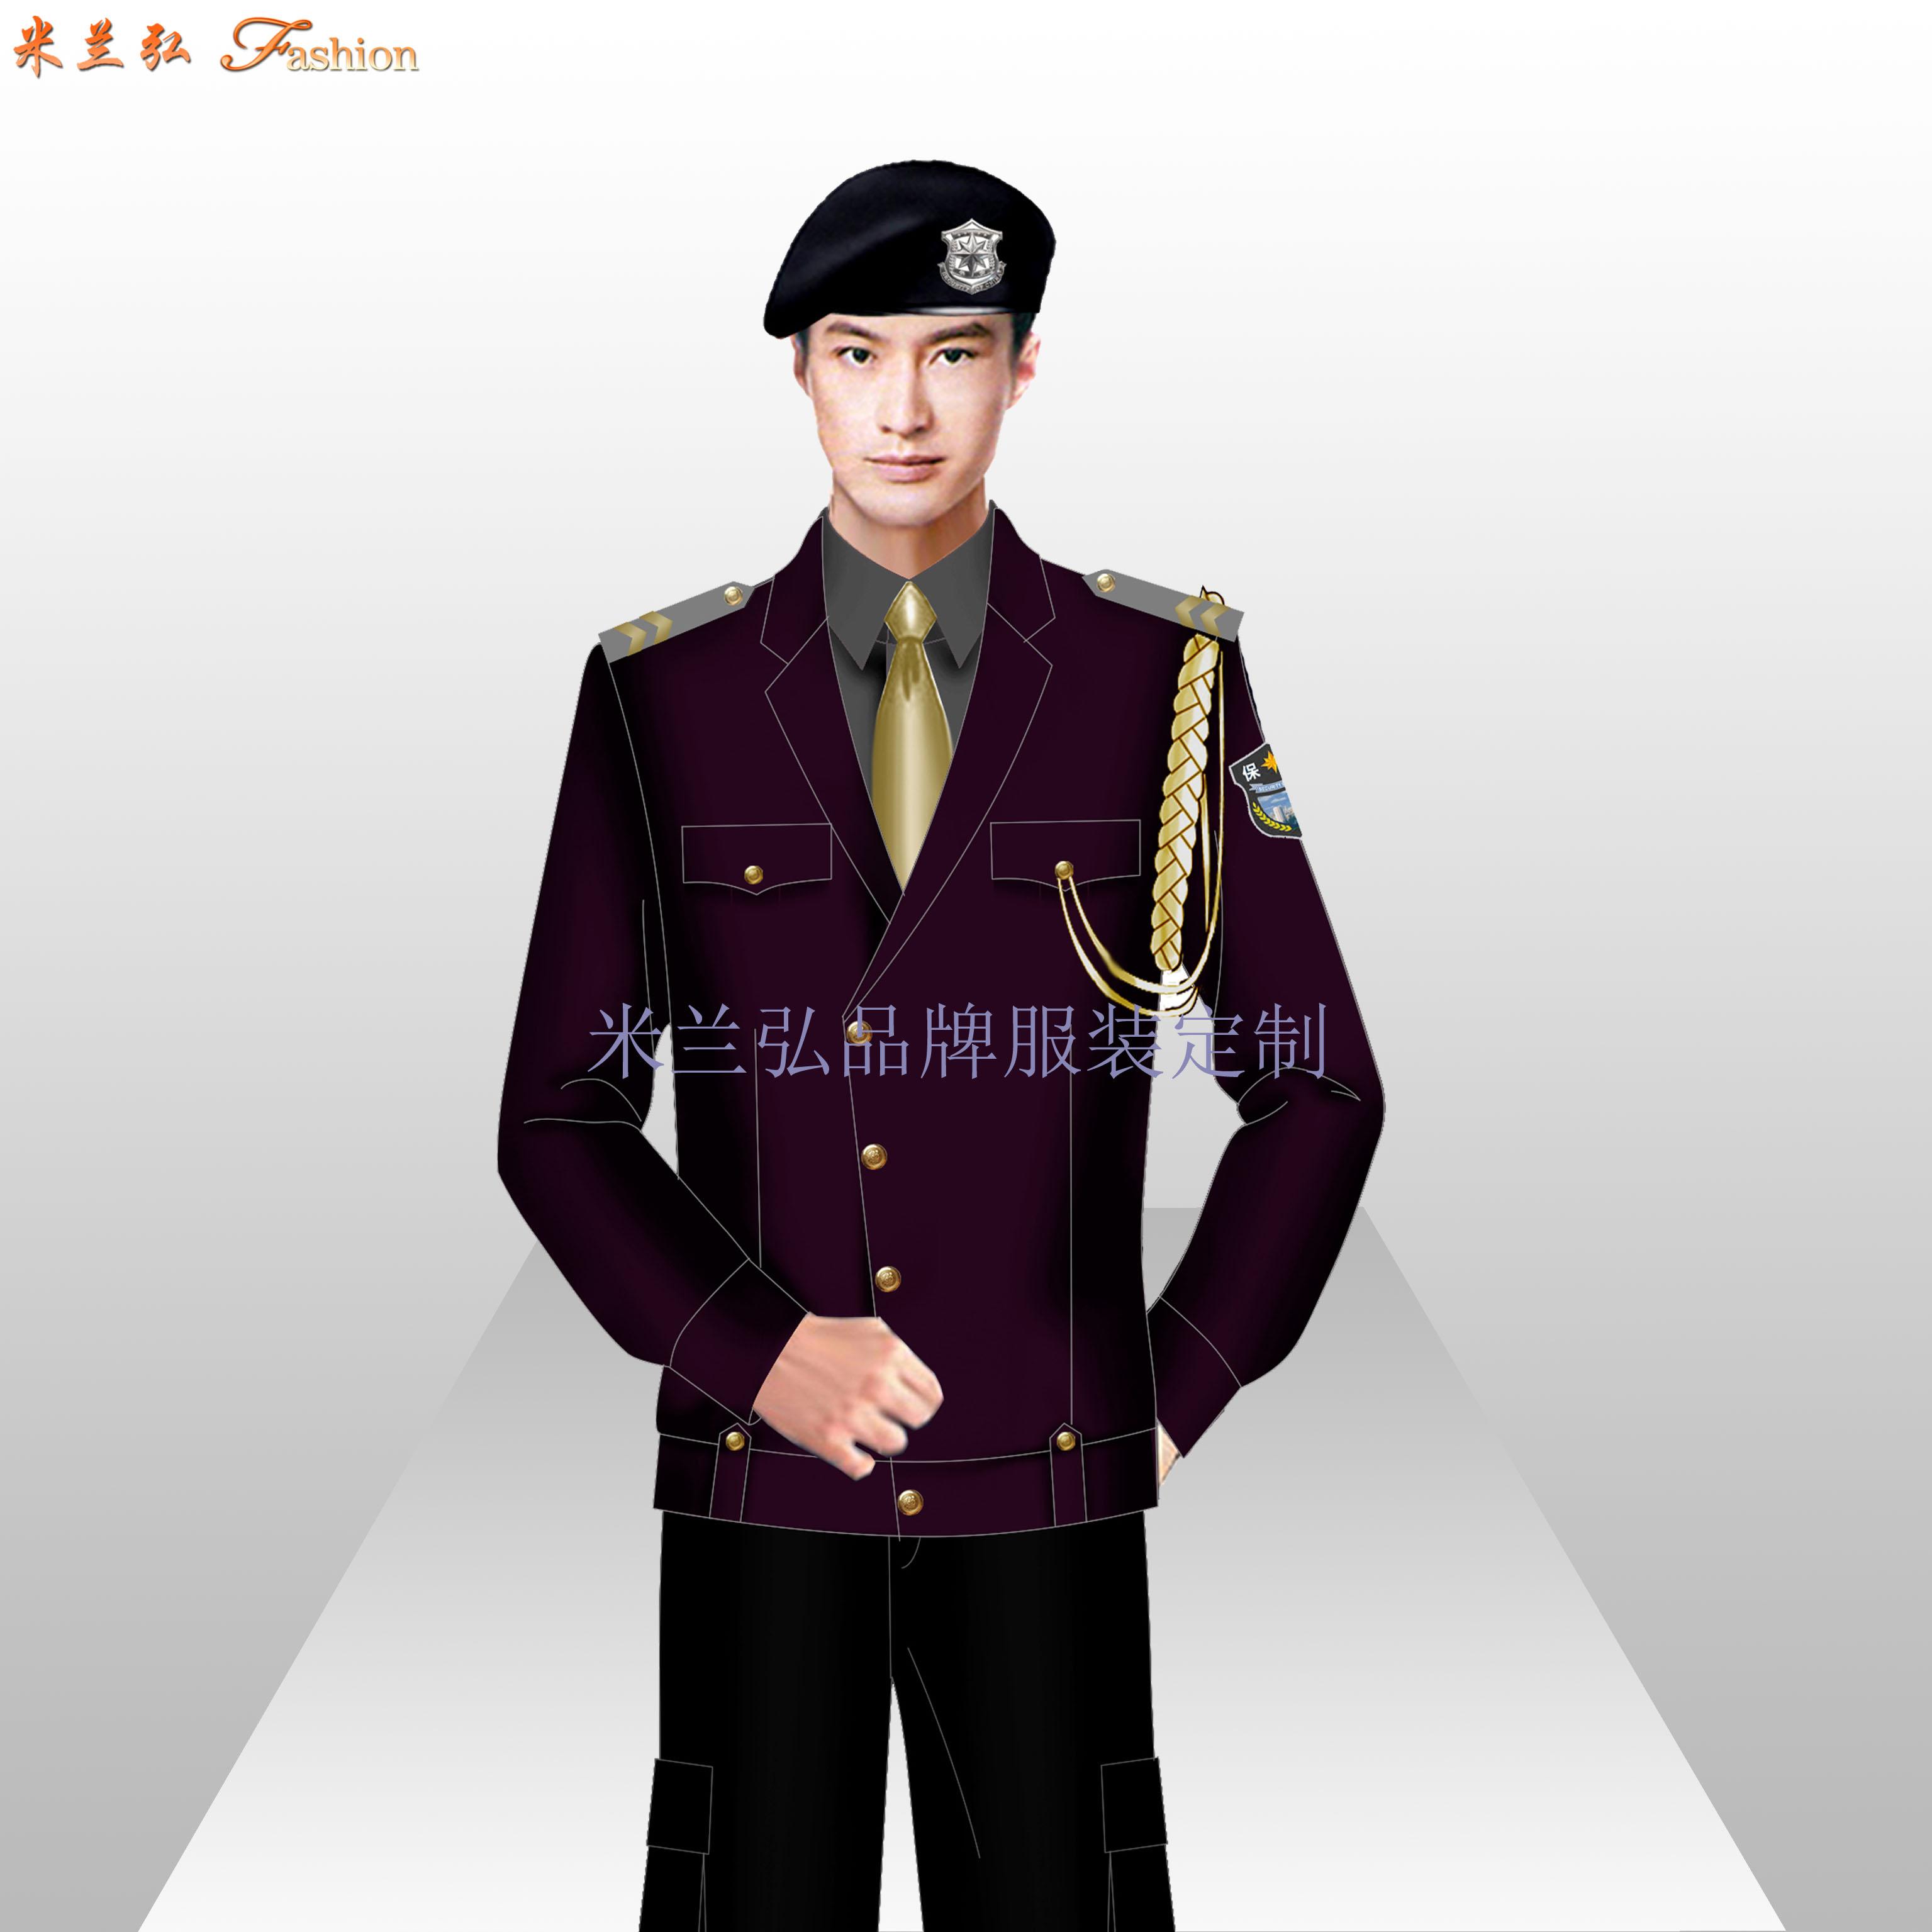 貝雷帽保安服圖片_新式保安服款式-米蘭弘服裝廠家-1